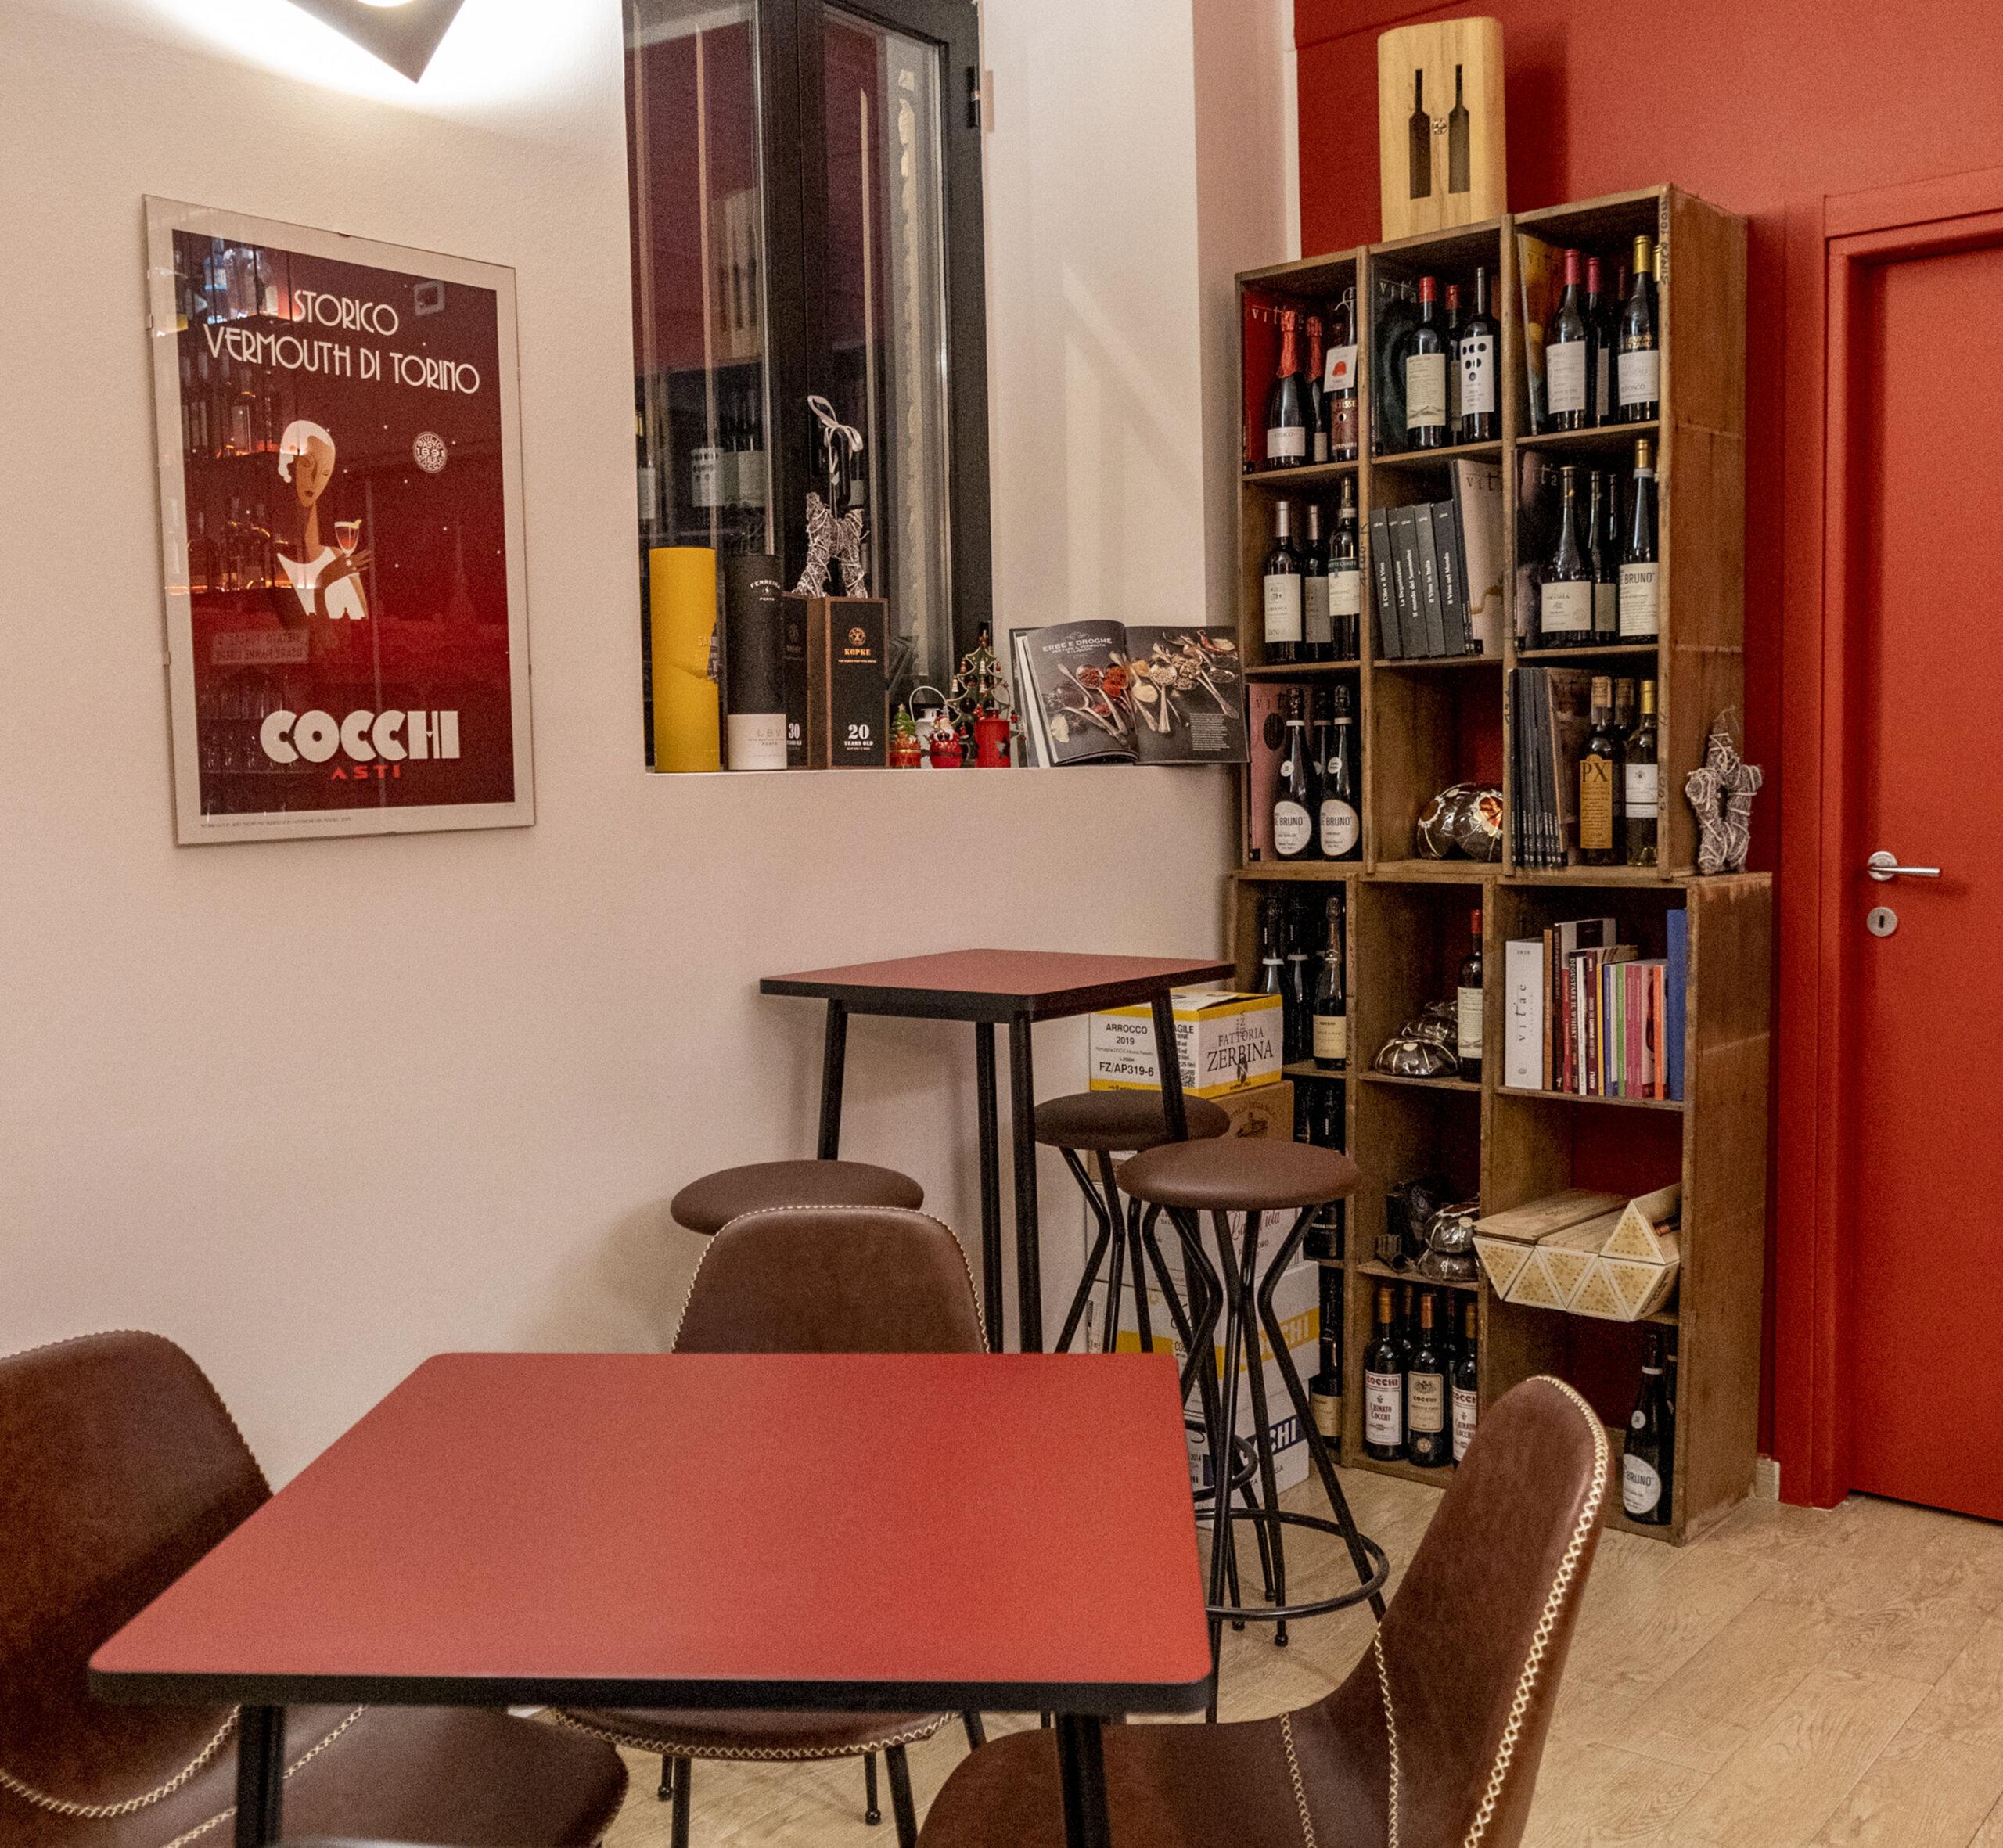 Arredamento accogliente in stile industrial vintage - Artemisia Vermuteria - nuovo locale a Ferrara